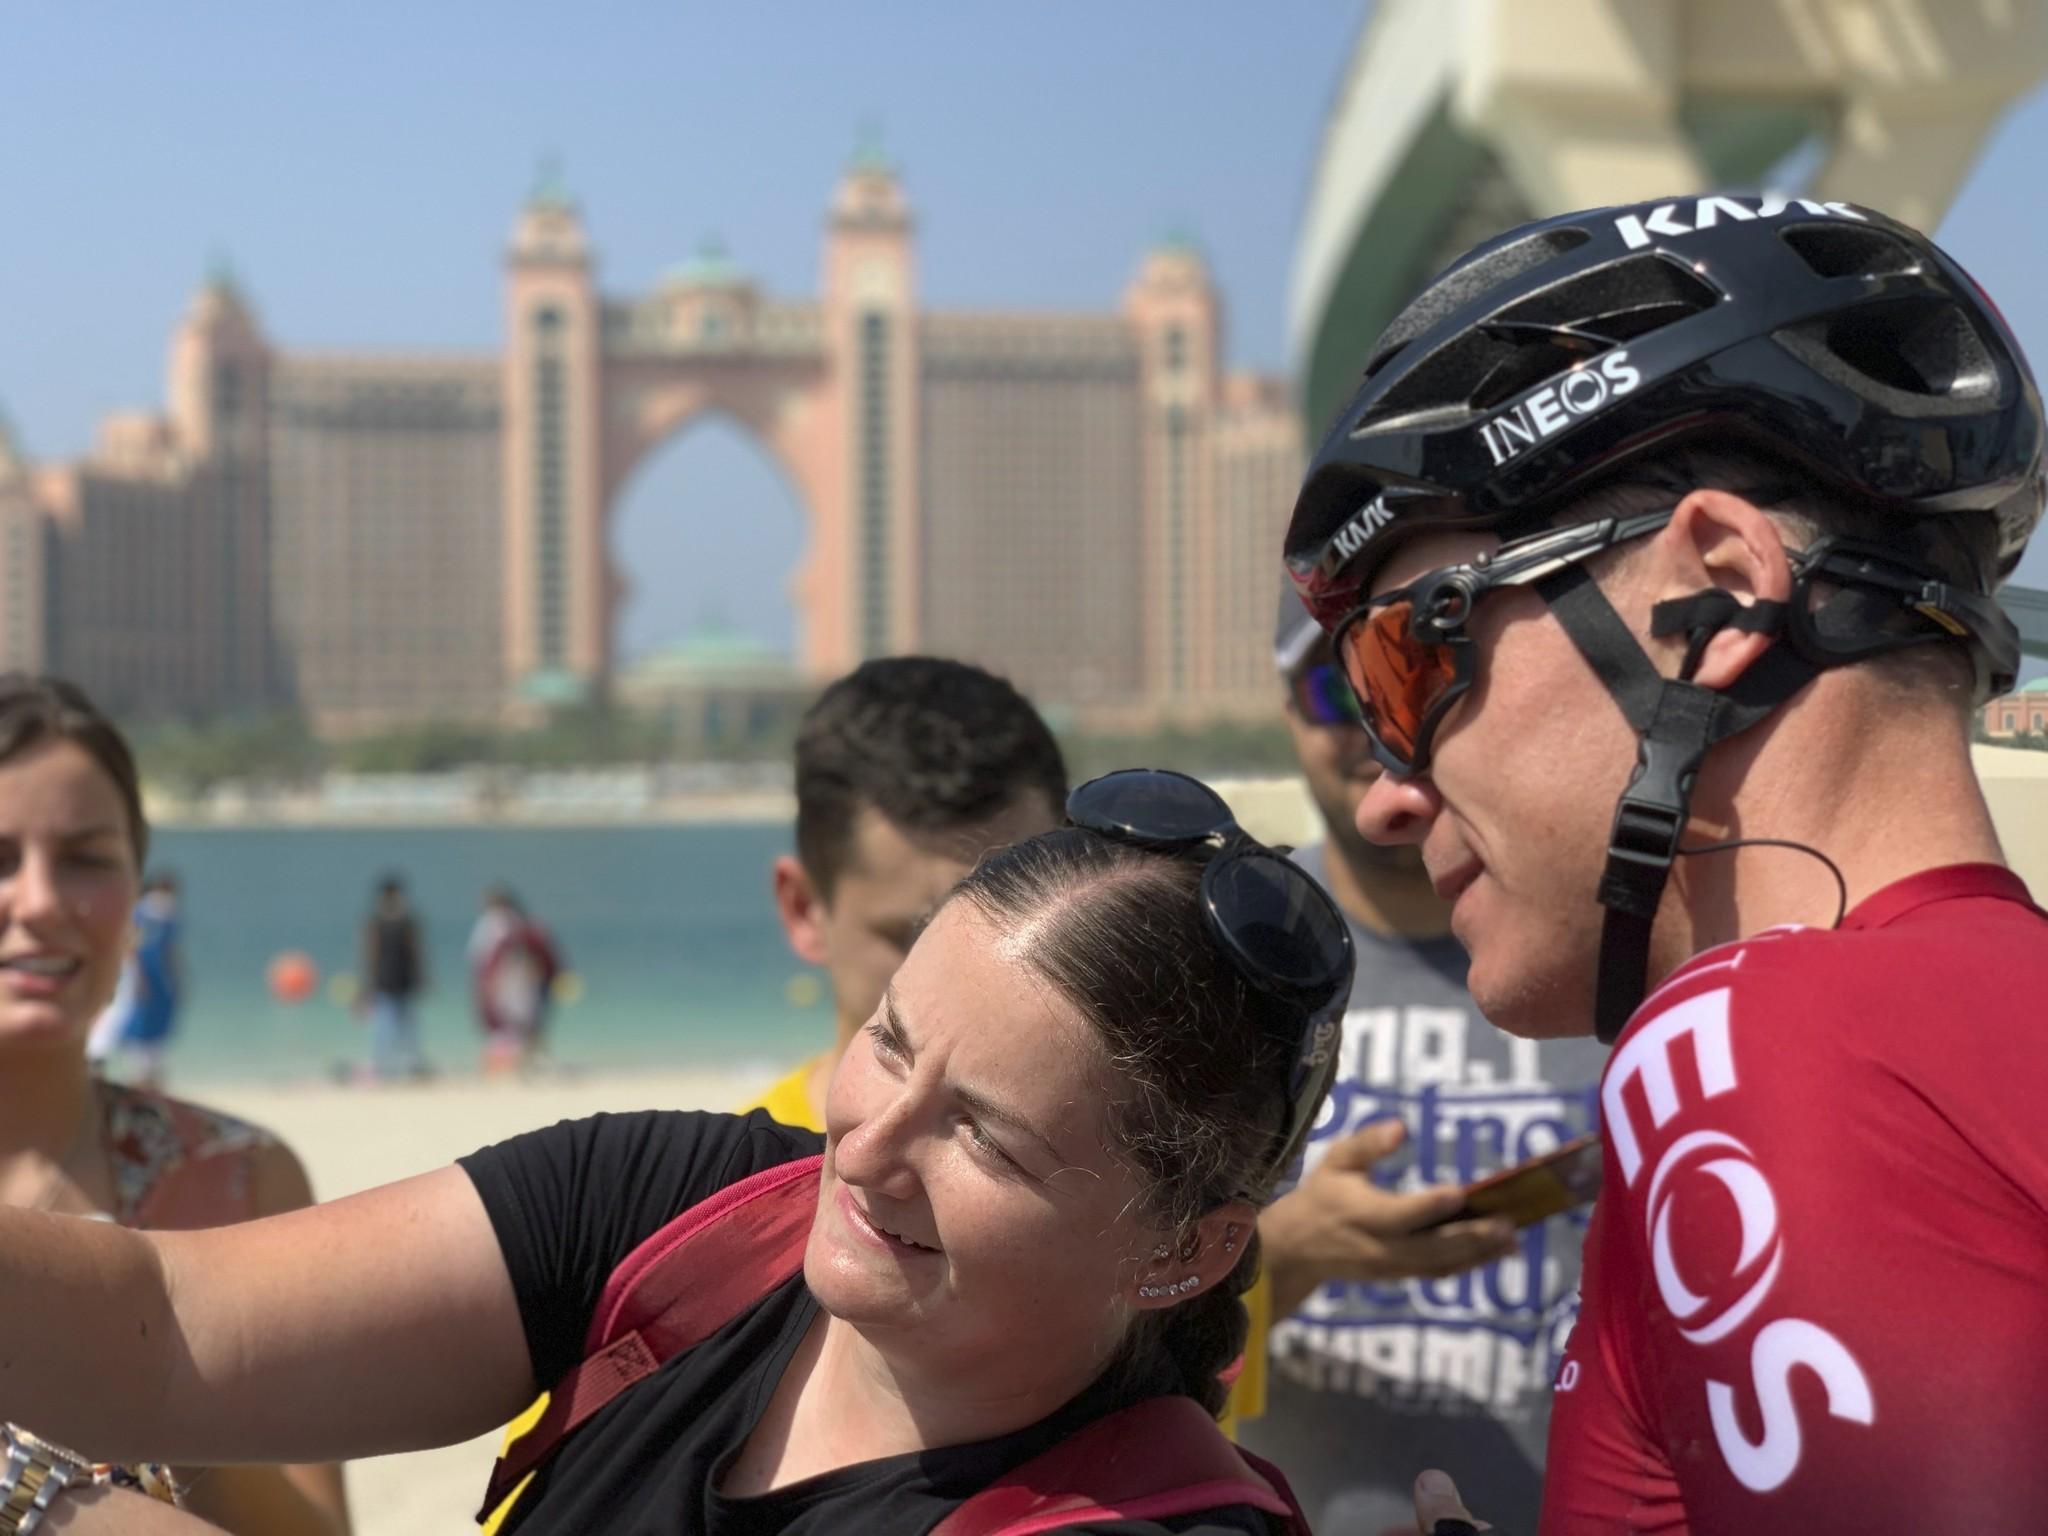 para la página de ciclismo podría ir bien un tema principal de lt;HIT gt;Froome lt;/HIT gt;